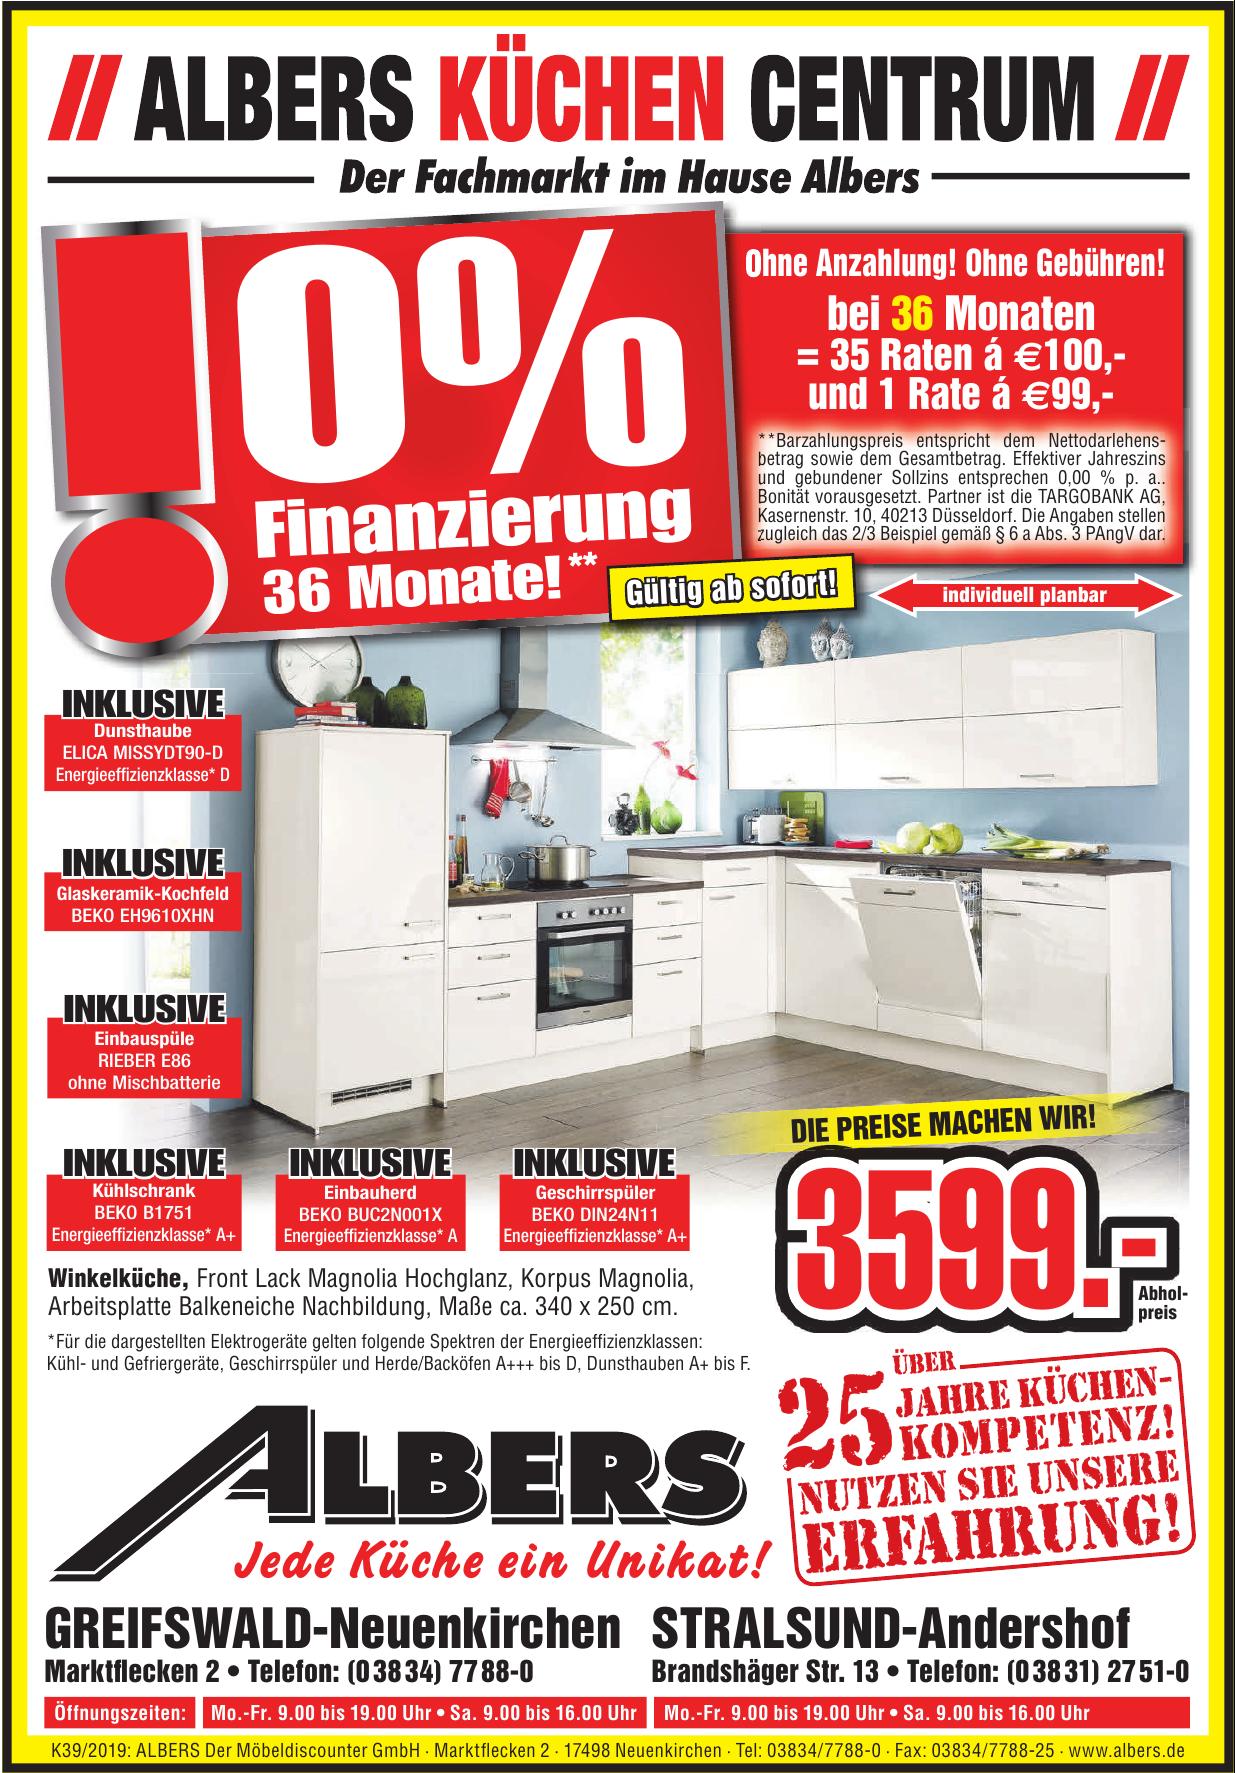 ALBERS Der Möbeldiscounter GmbH ·